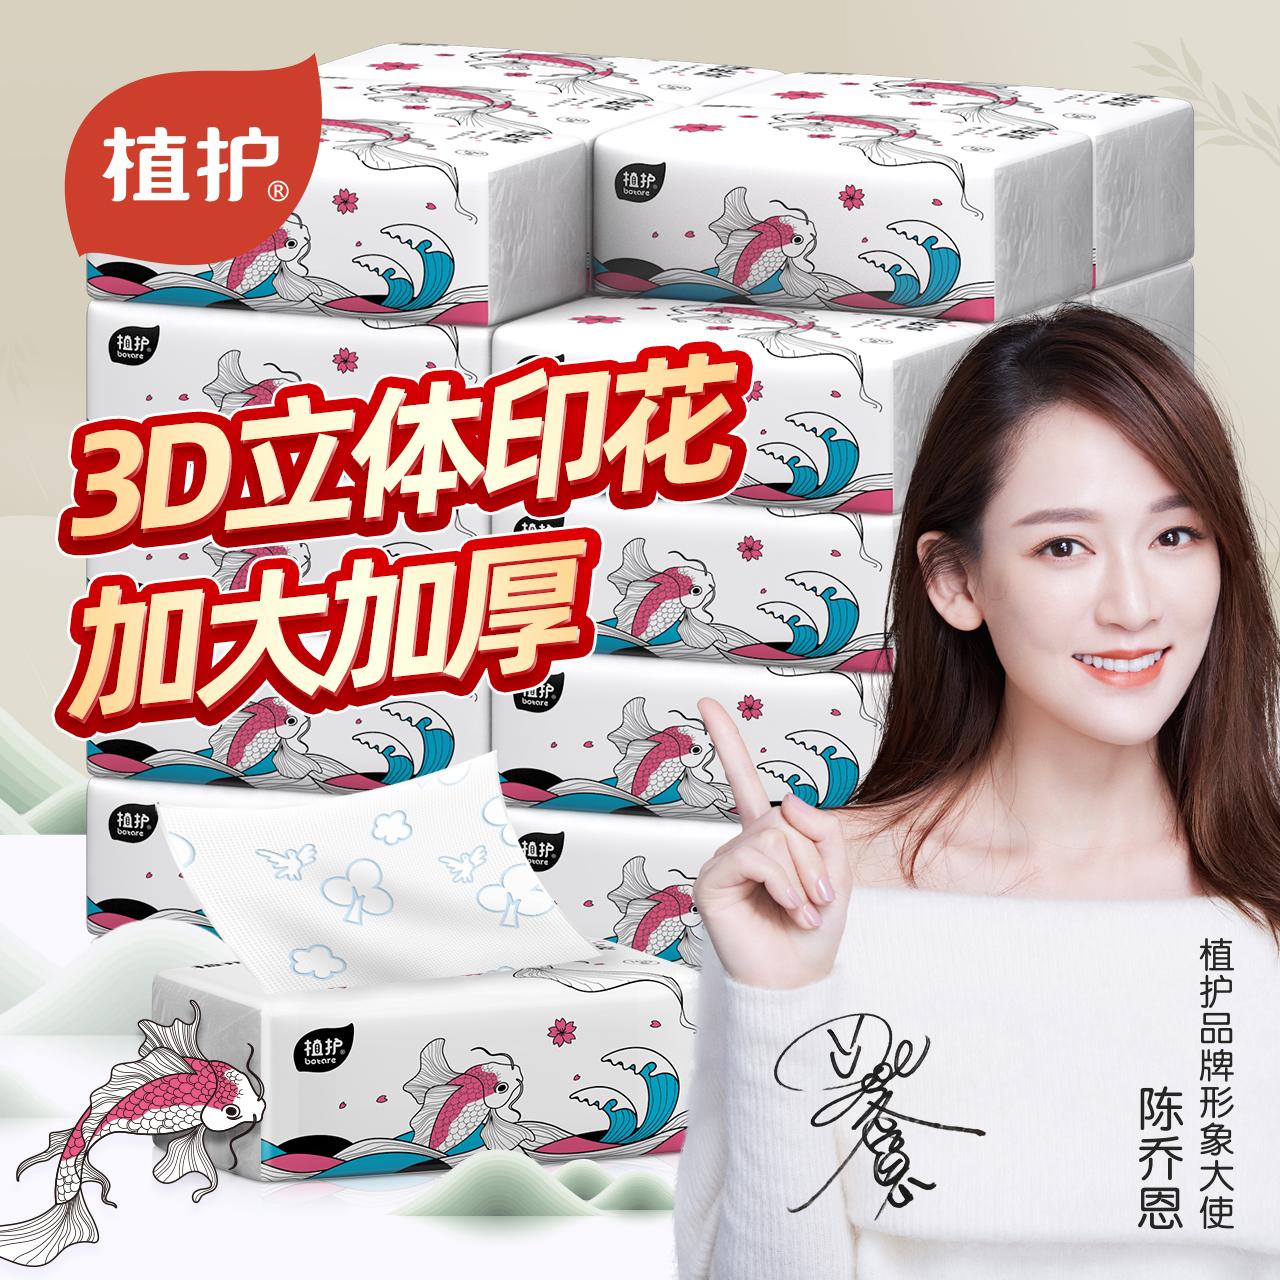 植護嬰兒抽紙專用20大包嬰幼兒衛生紙巾家用整箱批大號實惠裝500